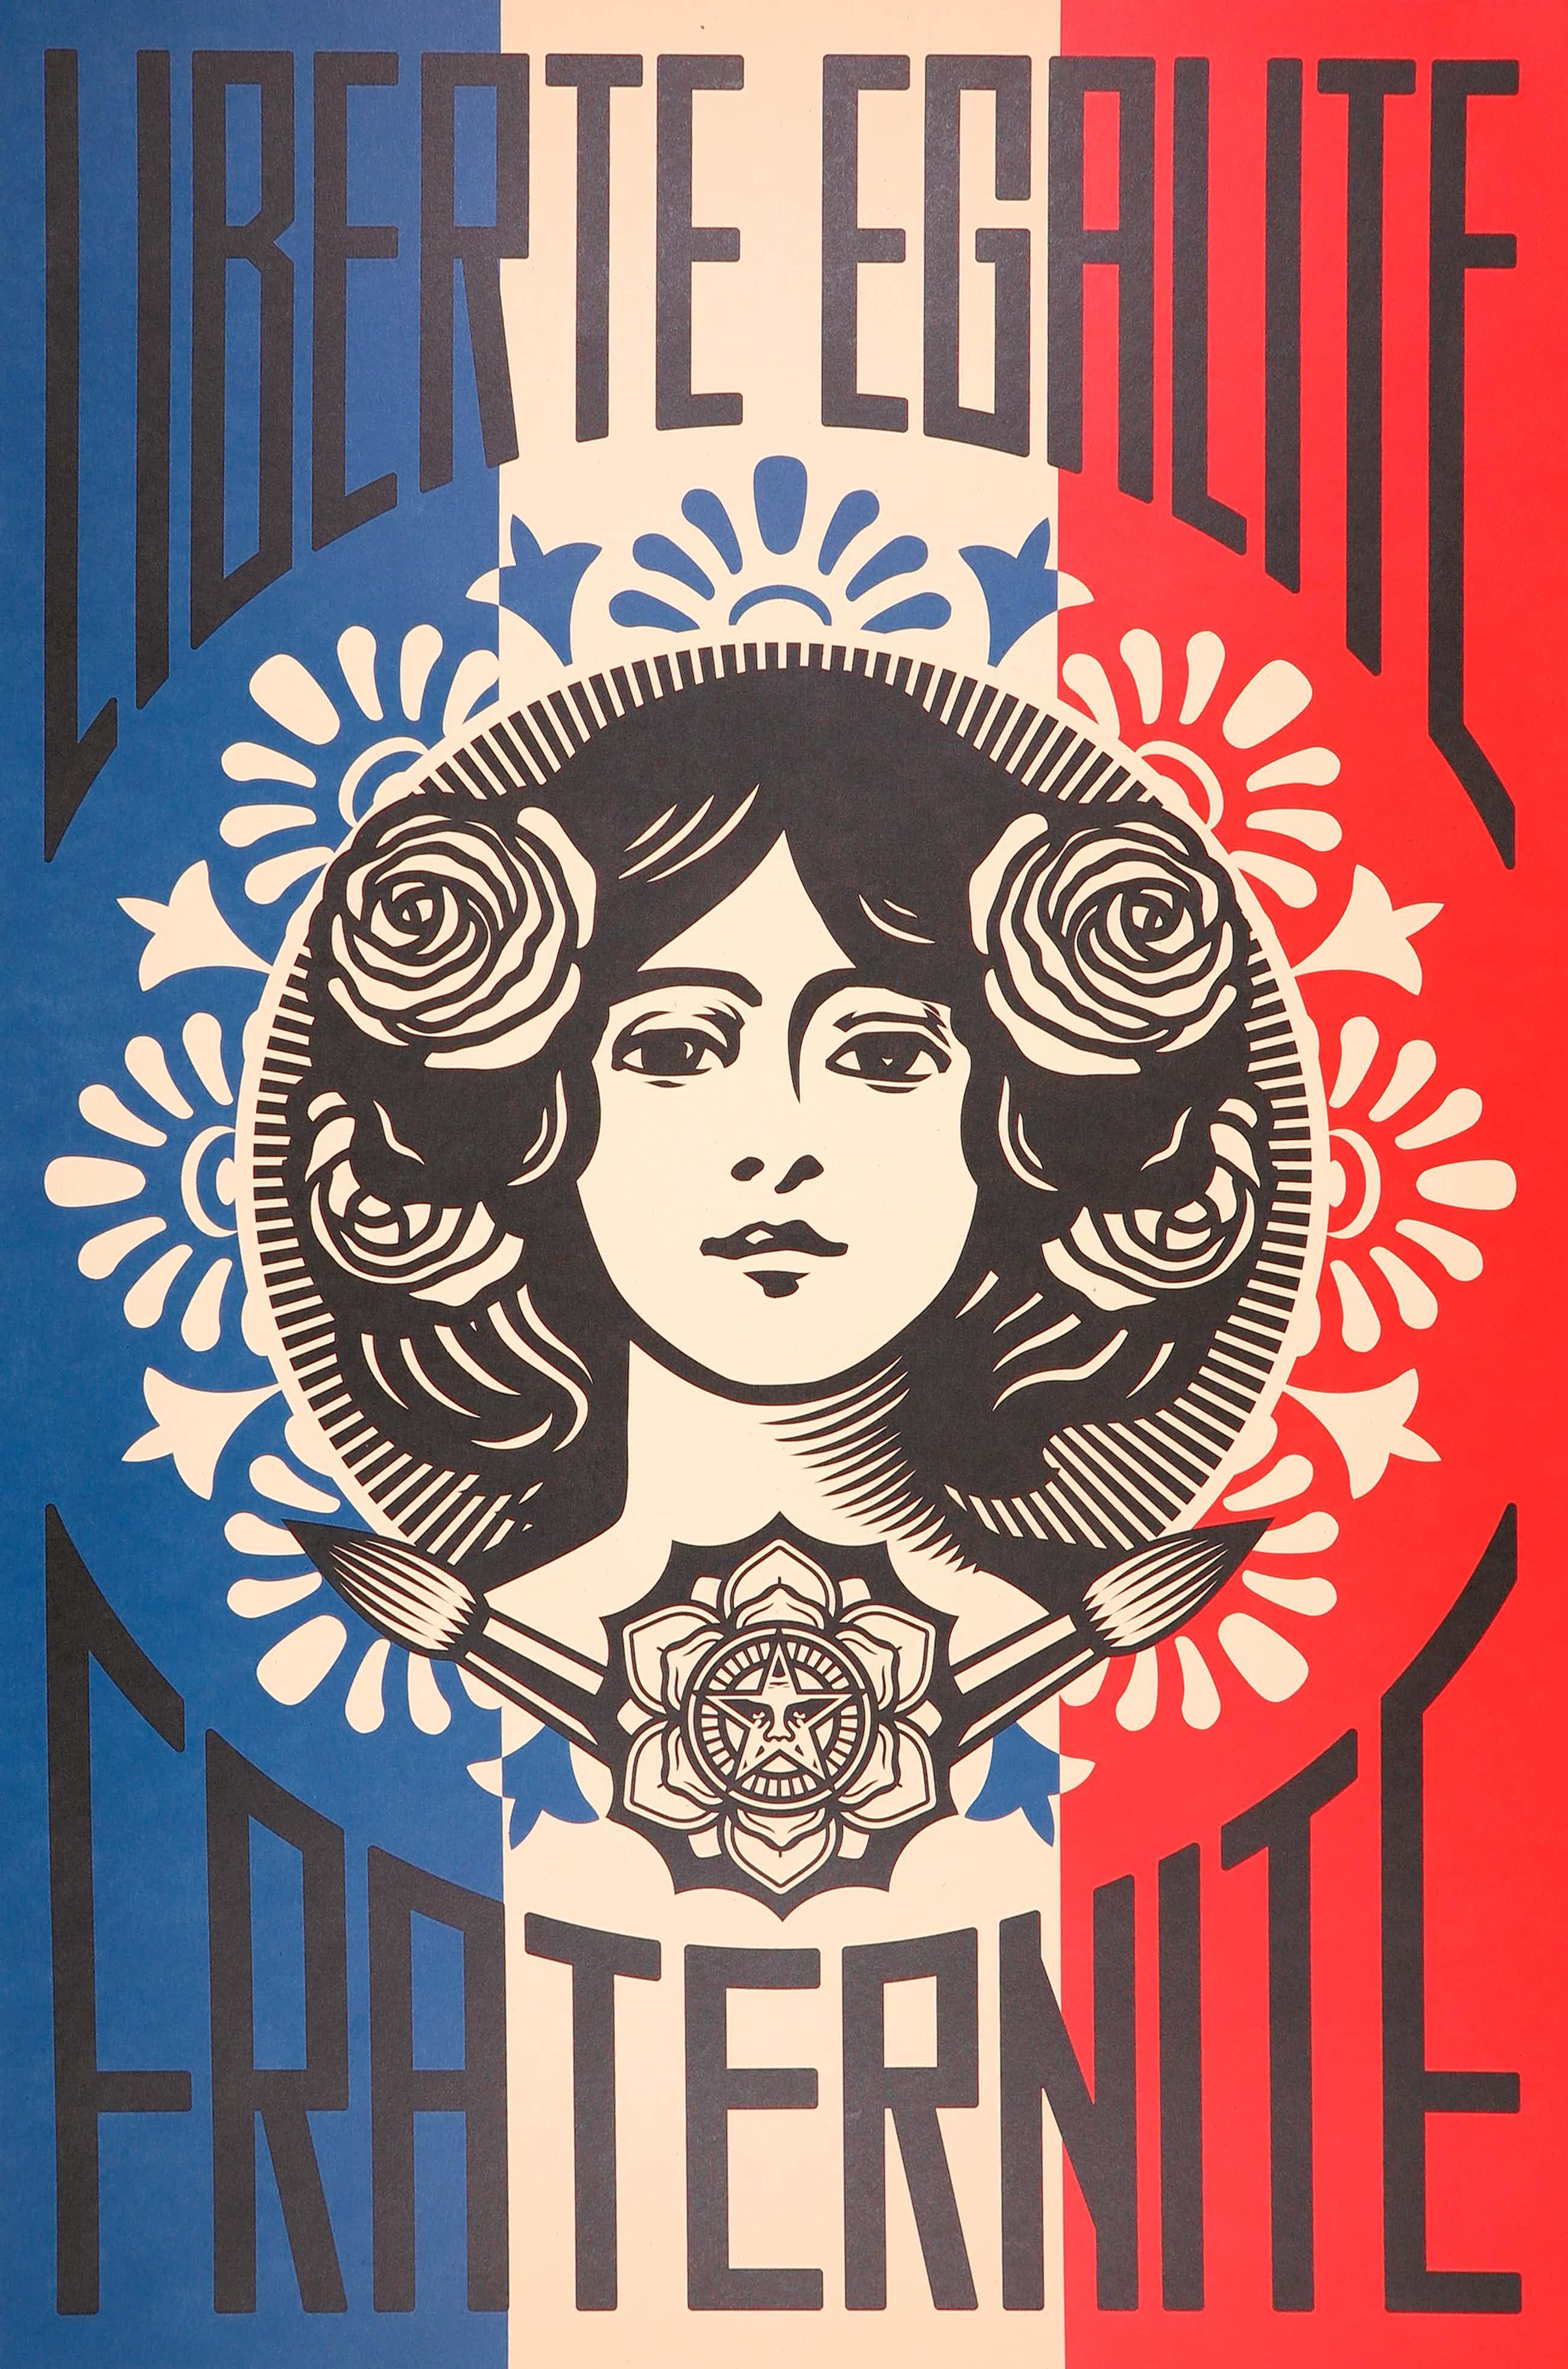 Shepard Fairey - OBEY - Liberté Egalité Fraternité kopen? Bied vanaf 90!